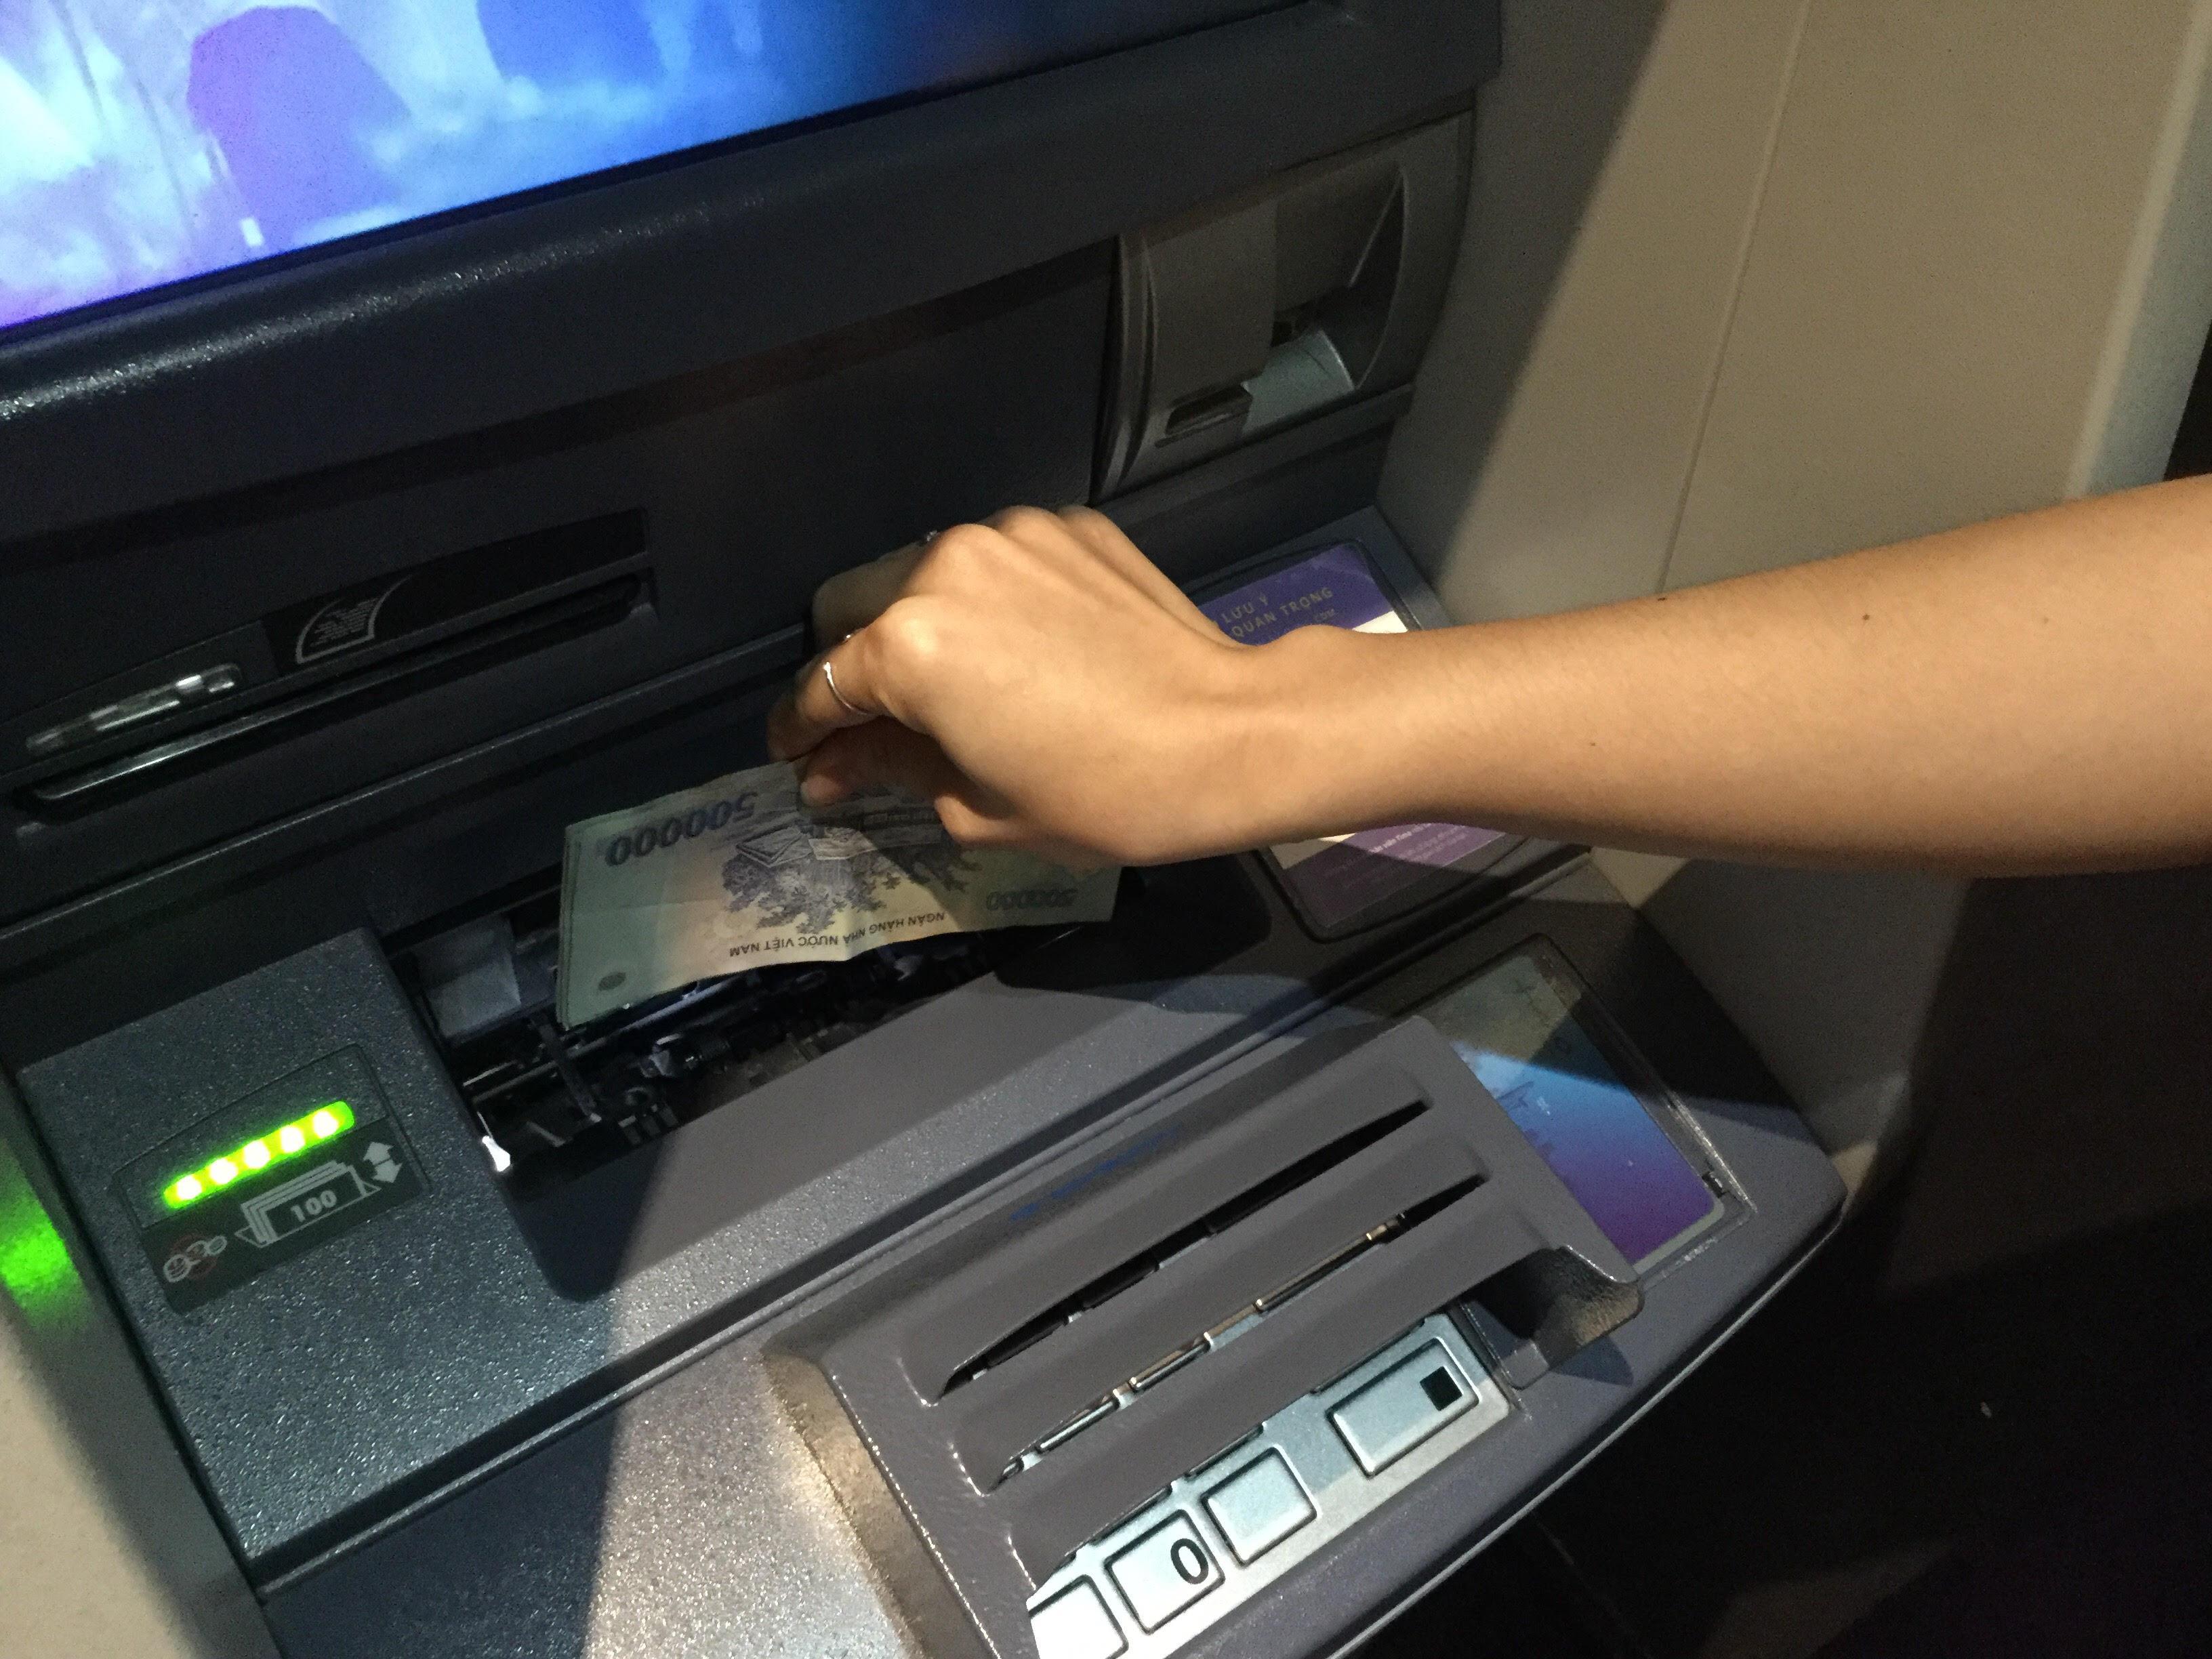 Nạp tiền vào tài khoản Spend Account Timo với máy CDM